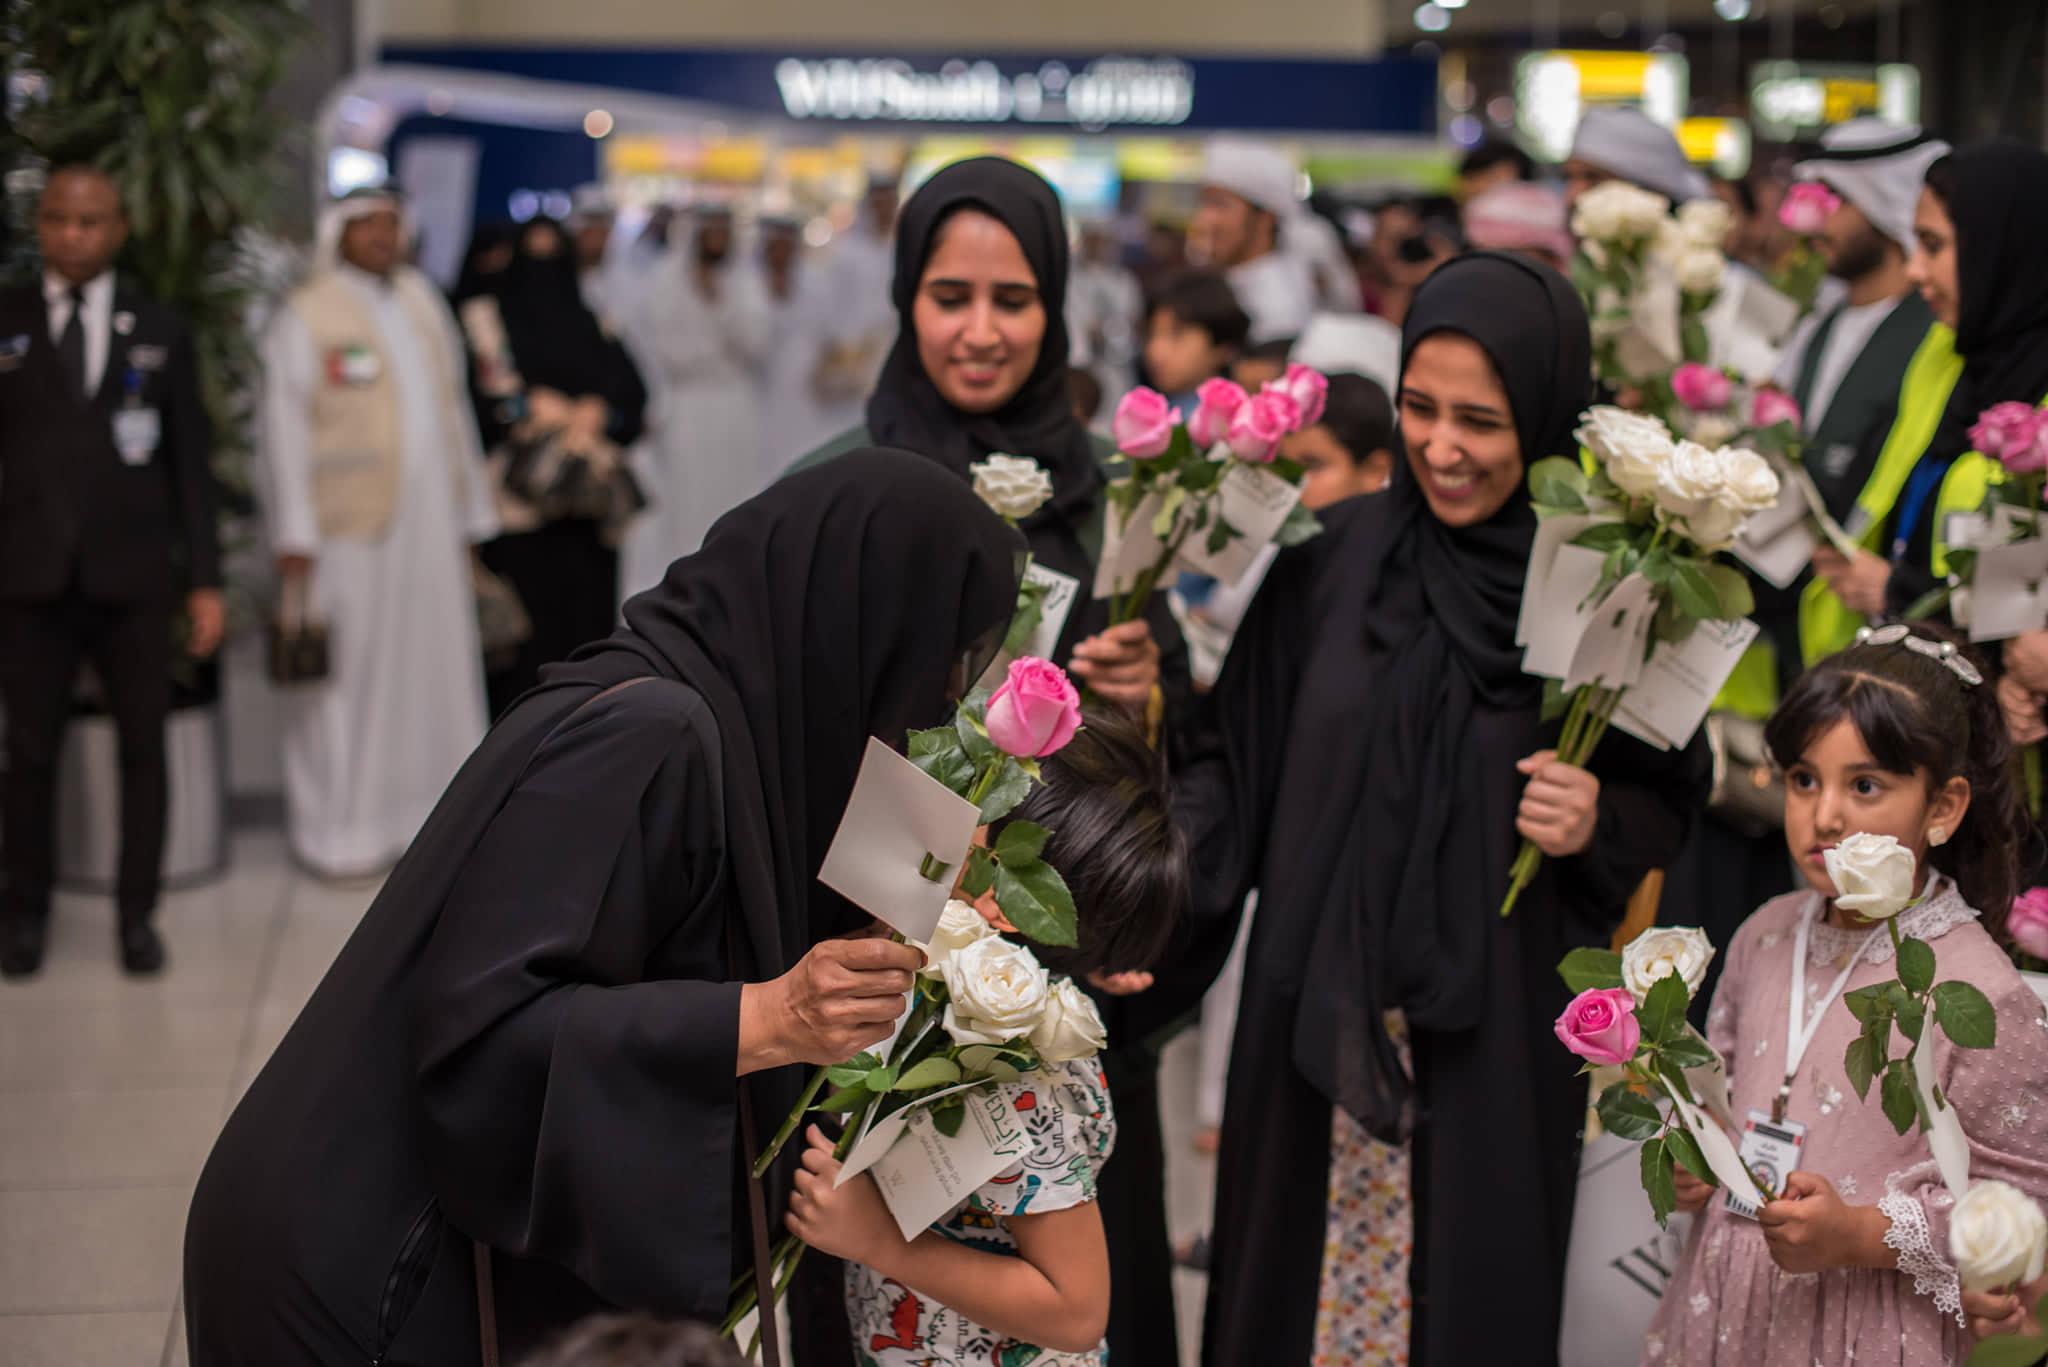 4.5 مليون مسافر عبر مطار أبوظبي  خلال 3 أشهر